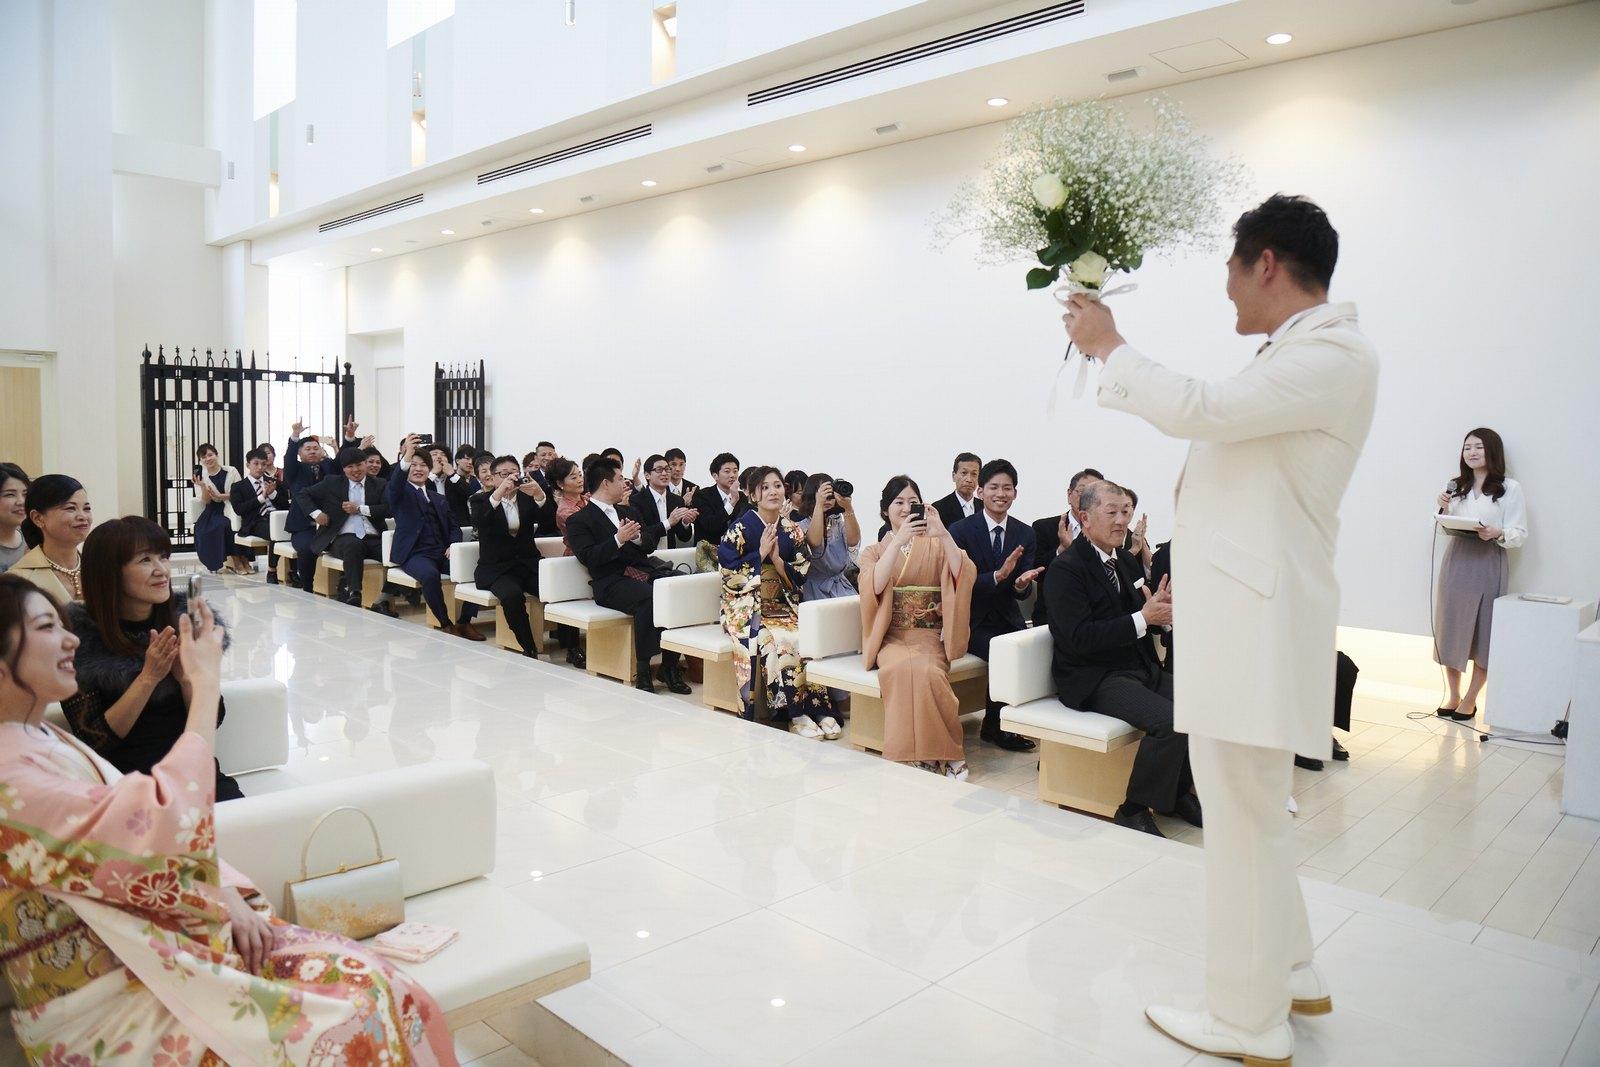 徳島市の結婚式場ブランアンジュでゲスト様から受け取った花でブーケを完成させた新郎様